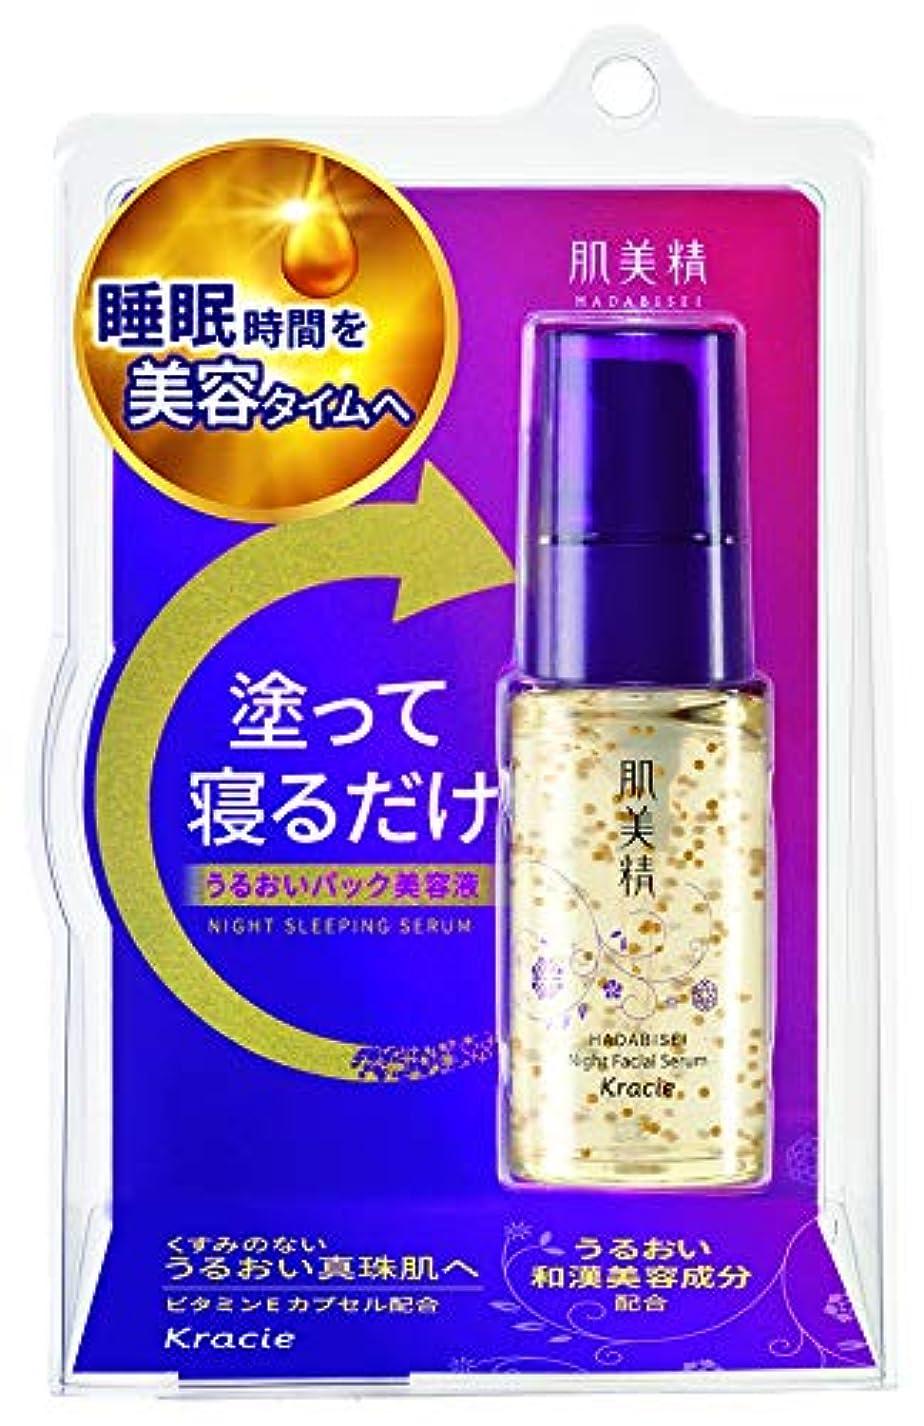 内陸コピー無条件肌美精 ターニングケア保湿 ナイトスリーピングセラム美容液30g ビタミンEカプセル配合